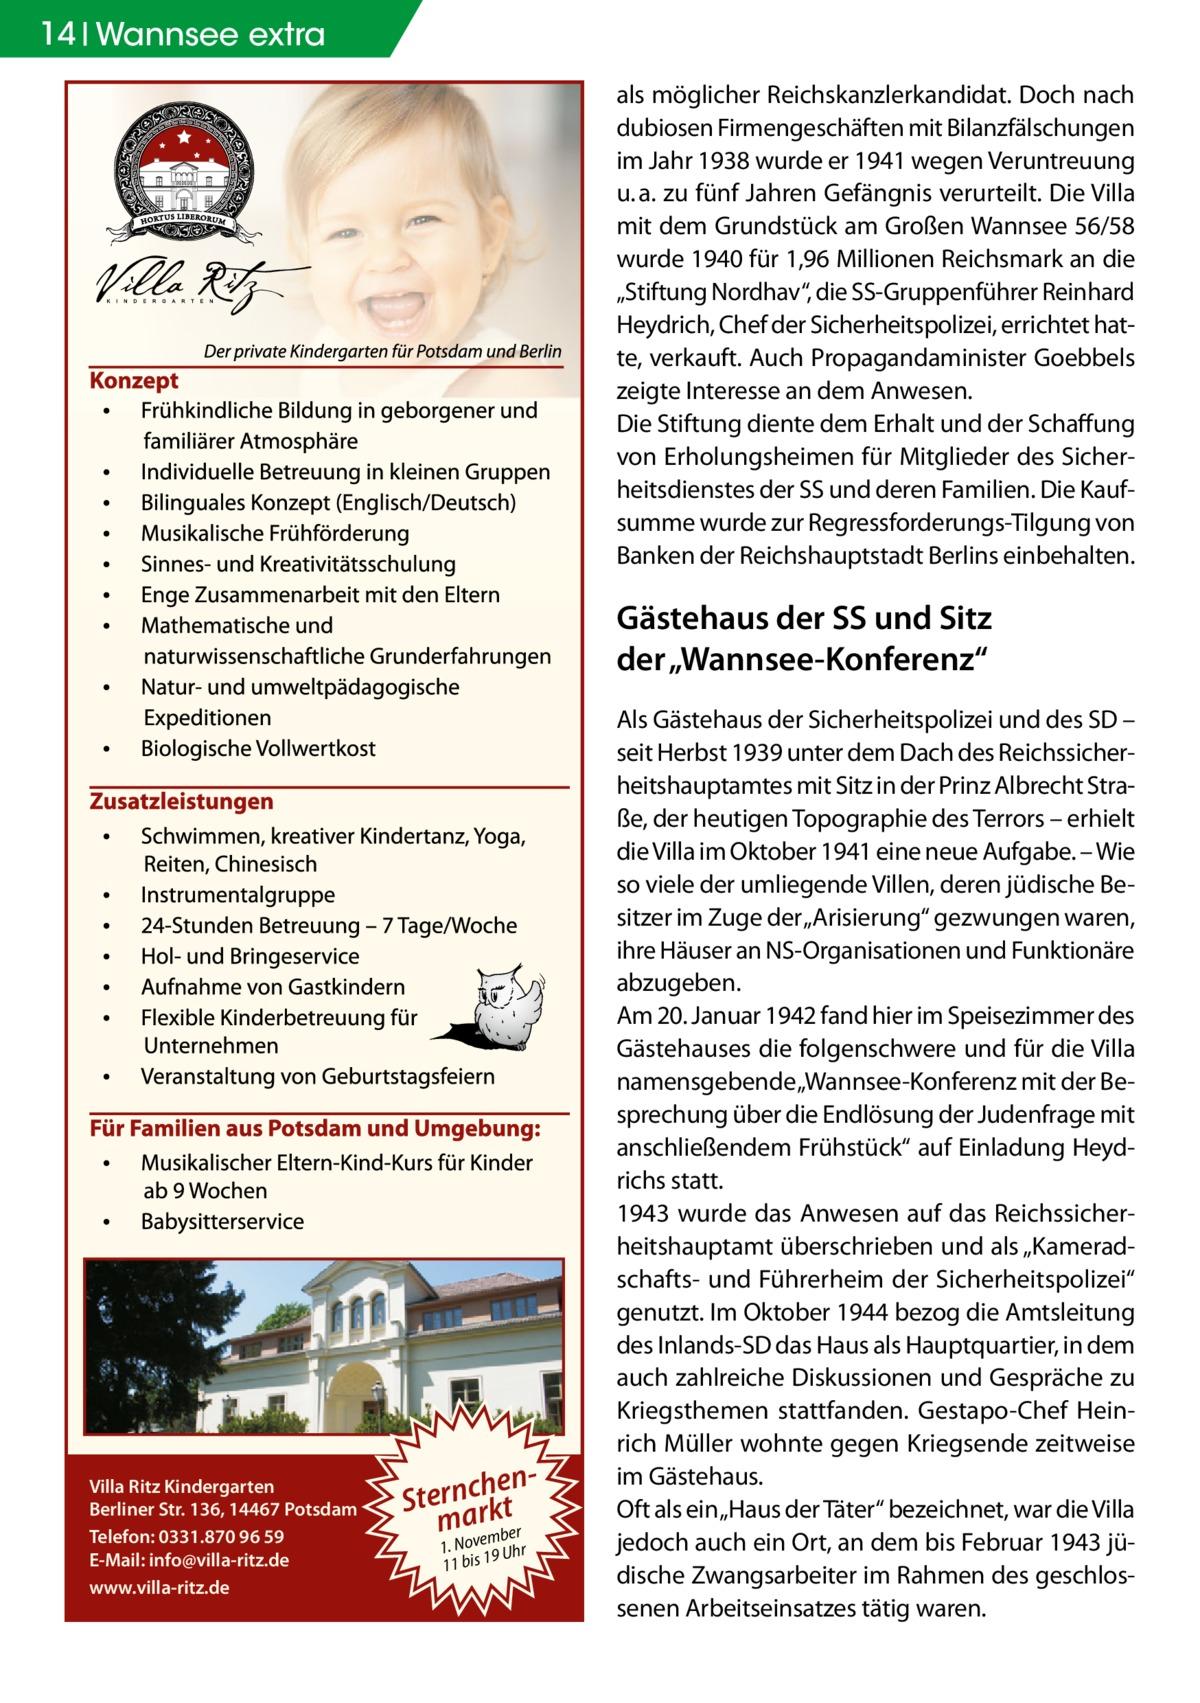 """14 Wannsee extra als möglicher Reichskanzlerkandidat. Doch nach dubiosen Firmengeschäften mit Bilanzfälschungen im Jahr 1938 wurde er 1941 wegen Veruntreuung u.a. zu fünf Jahren Gefängnis verurteilt. Die Villa mit dem Grundstück am Großen Wannsee 56/58 wurde 1940 für 1,96Millionen Reichsmark an die """"Stiftung Nordhav"""", die SS-Gruppenführer Reinhard Heydrich, Chef der Sicherheitspolizei, errichtet hatte, verkauft. Auch Propagandaminister Goebbels zeigte Interesse an dem Anwesen. Die Stiftung diente dem Erhalt und der Schaffung von Erholungsheimen für Mitglieder des Sicherheitsdienstes der SS und deren Familien. Die Kaufsumme wurde zur Regressforderungs-Tilgung von Banken der Reichshauptstadt Berlins einbehalten.  Gästehaus der SS und Sitz der """"Wannsee-Konferenz""""  Villa Ritz Kindergarten Berliner Str. 136, 14467 Potsdam Telefon: 0331.870 96 59 E-Mail: info@villa-ritz.de www.villa-ritz.de  henSternacrkt m ovember 1. N 9 Uhr 11 bis 1  Als Gästehaus der Sicherheitspolizei und des SD – seit Herbst 1939 unter dem Dach des Reichssicherheitshauptamtes mit Sitz in der Prinz Albrecht Straße, der heutigen Topographie des Terrors – erhielt die Villa im Oktober 1941 eine neue Aufgabe. – Wie so viele der umliegende Villen, deren jüdische Besitzer im Zuge der """"Arisierung"""" gezwungen waren, ihre Häuser an NS-Organisationen und Funktionäre abzugeben. Am 20.Januar 1942 fand hier im Speisezimmer des Gästehauses die folgenschwere und für die Villa namensgebende """"Wannsee-Konferenz mit der Besprechung über die Endlösung der Judenfrage mit anschließendem Frühstück"""" auf Einladung Heydrichs statt. 1943 wurde das Anwesen auf das Reichssicherheitshauptamt überschrieben und als """"Kameradschafts- und Führerheim der Sicherheitspolizei"""" genutzt. Im Oktober 1944 bezog die Amtsleitung des Inlands-SD das Haus als Hauptquartier, in dem auch zahlreiche Diskussionen und Gespräche zu Kriegsthemen stattfanden. Gestapo-Chef Heinrich Müller wohnte gegen Kriegsende zeitweise im Gästehaus. Oft als ein """"Haus der """